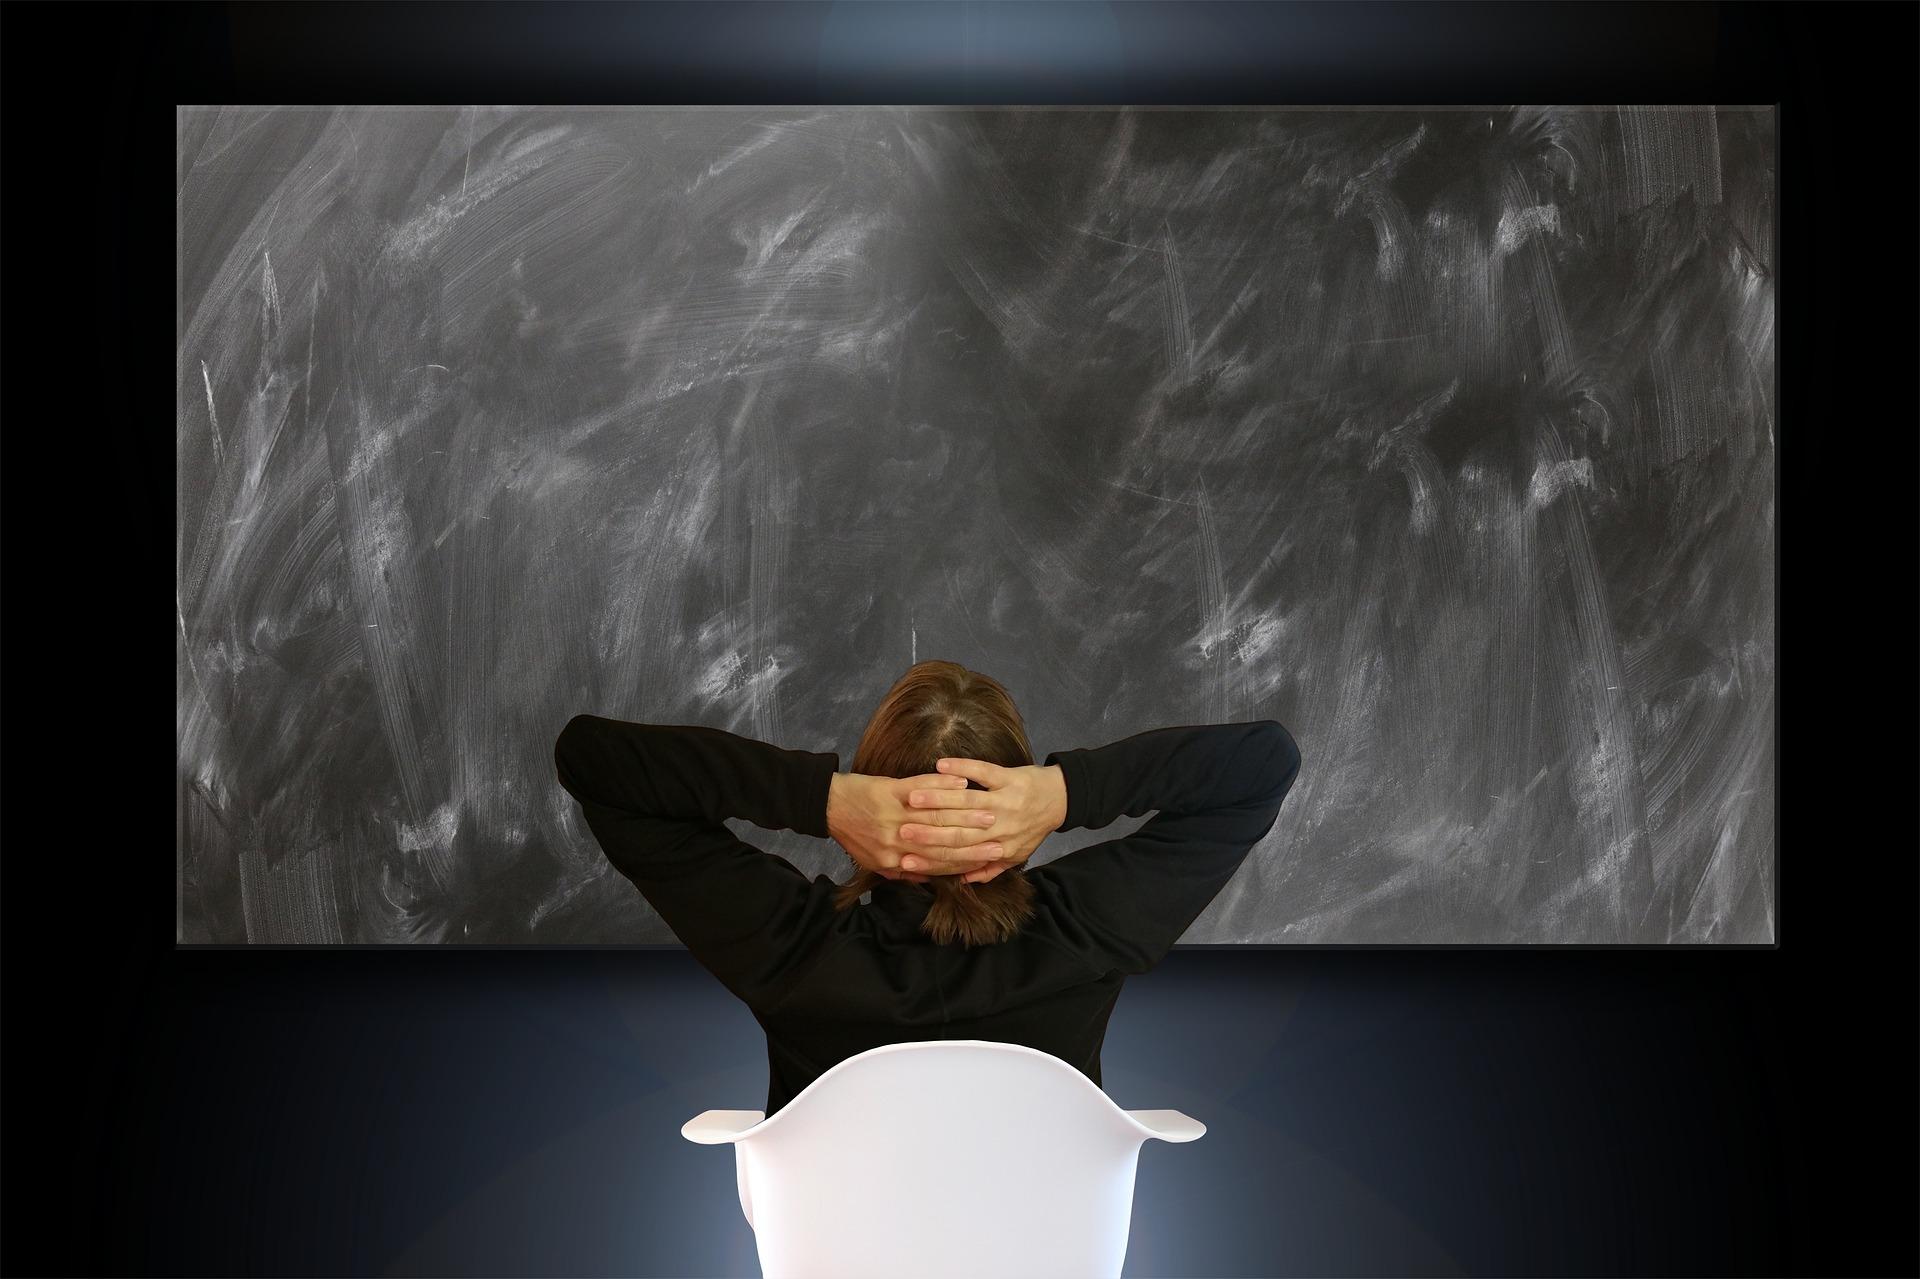 ZUS zalicza nadpłaty i odmawia zwolnienia ze składek – czy słusznie?